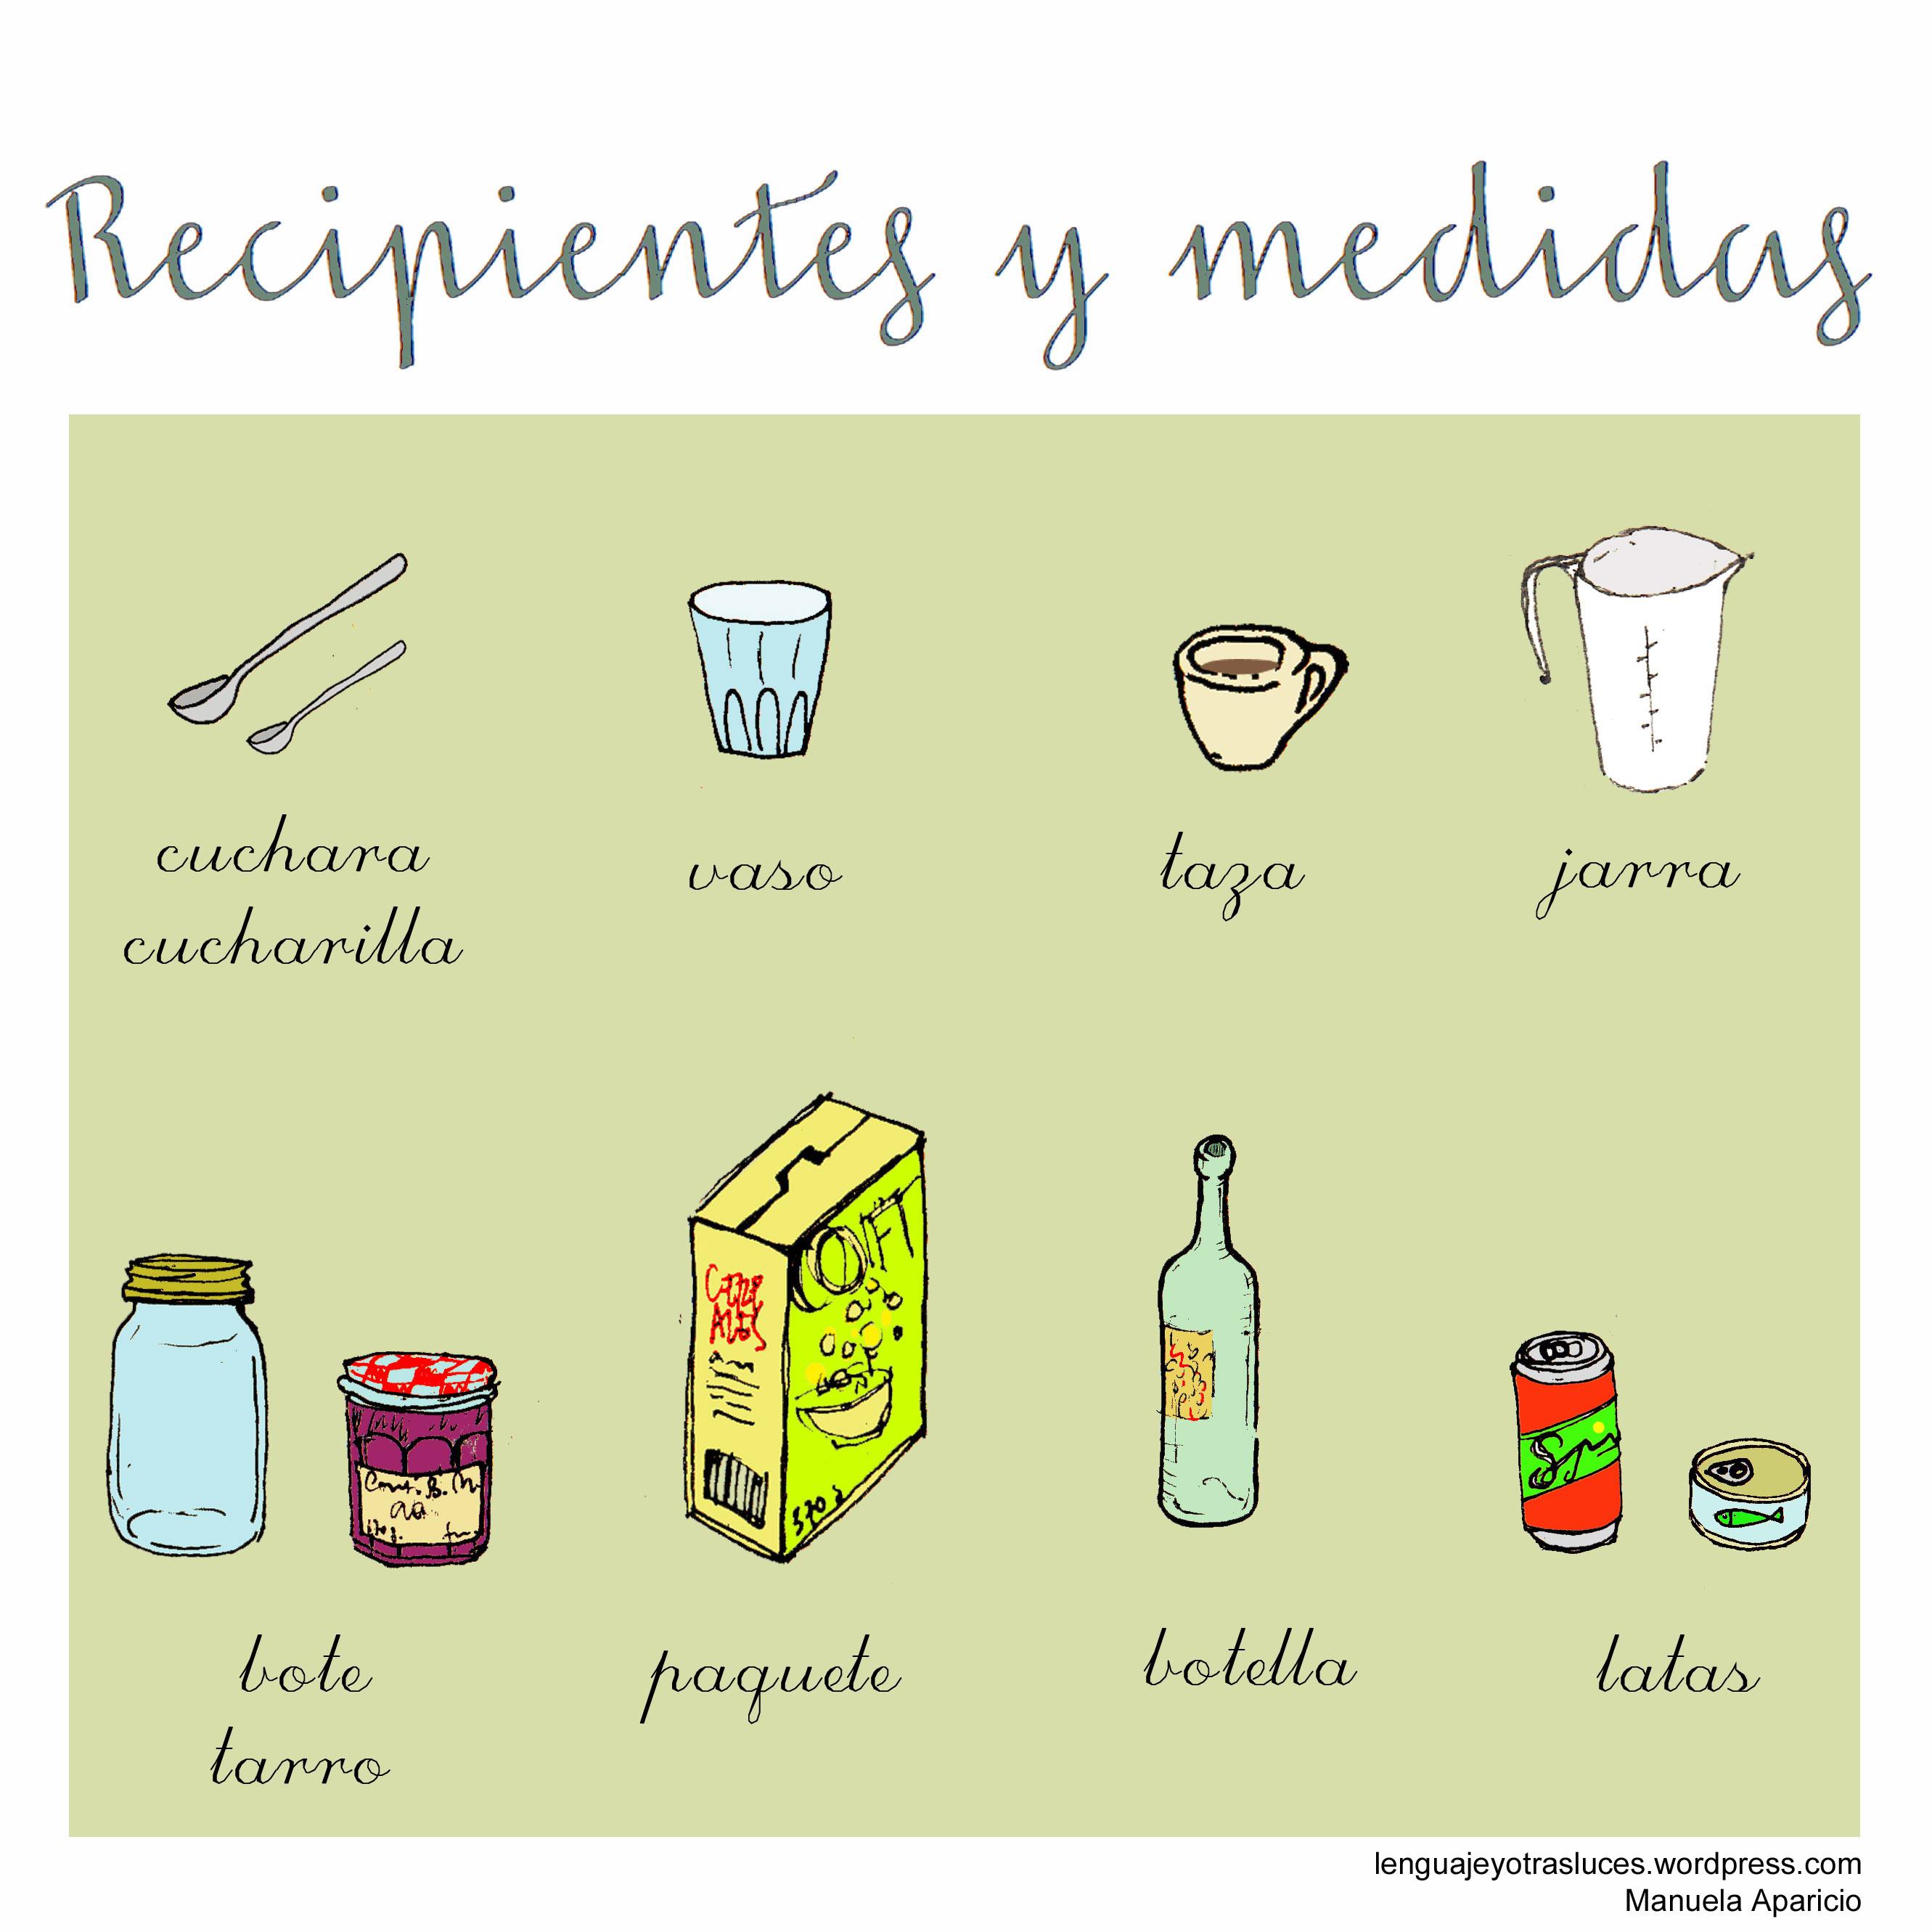 utensilios recipientes y medidas de cocina lenguaje y